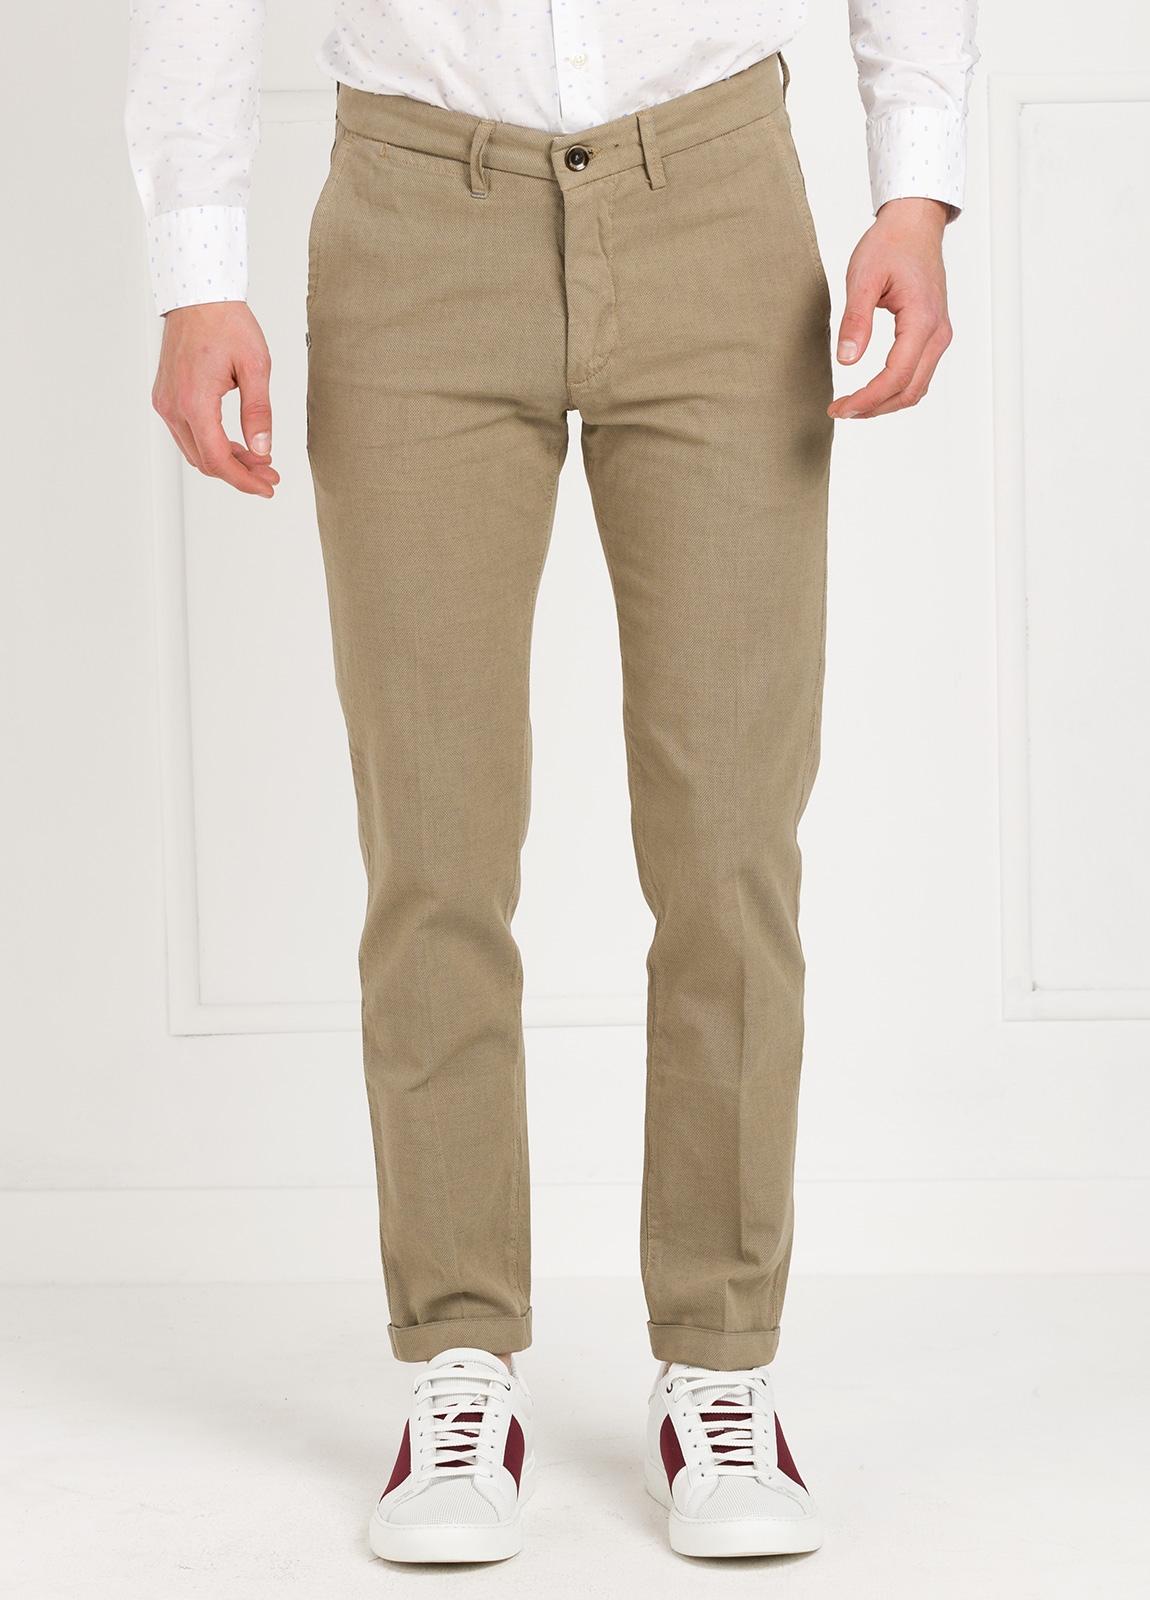 Pantalón sport modelo MUCHA P294 color beige. Algodón y elastáno.